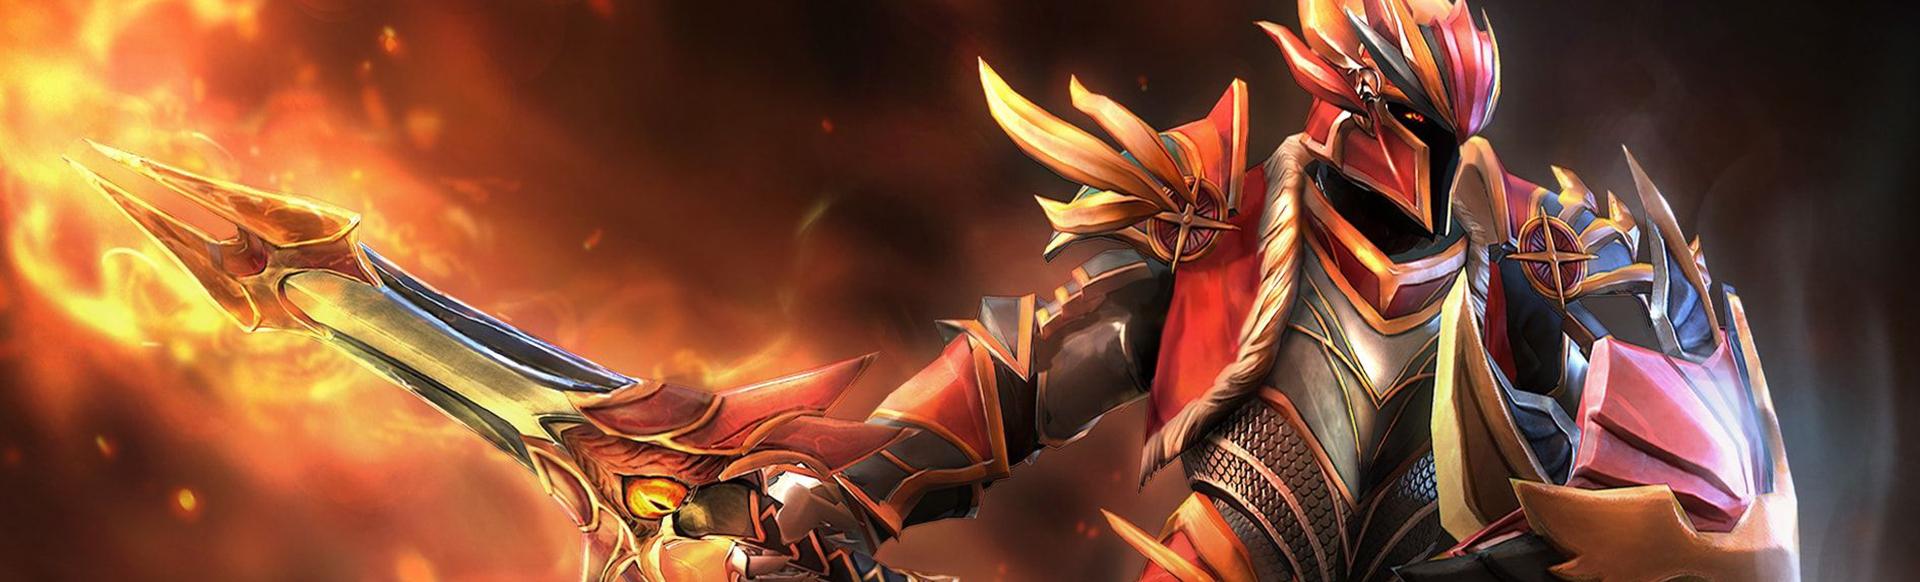 Dragon Knight در بازی DOTA 2